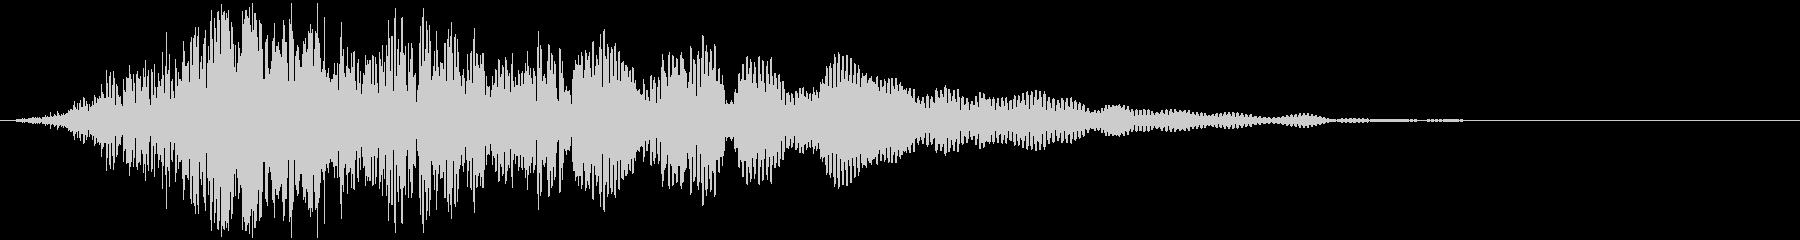 【ホラーゲーム】ブーン!シャンッ!_物音の未再生の波形